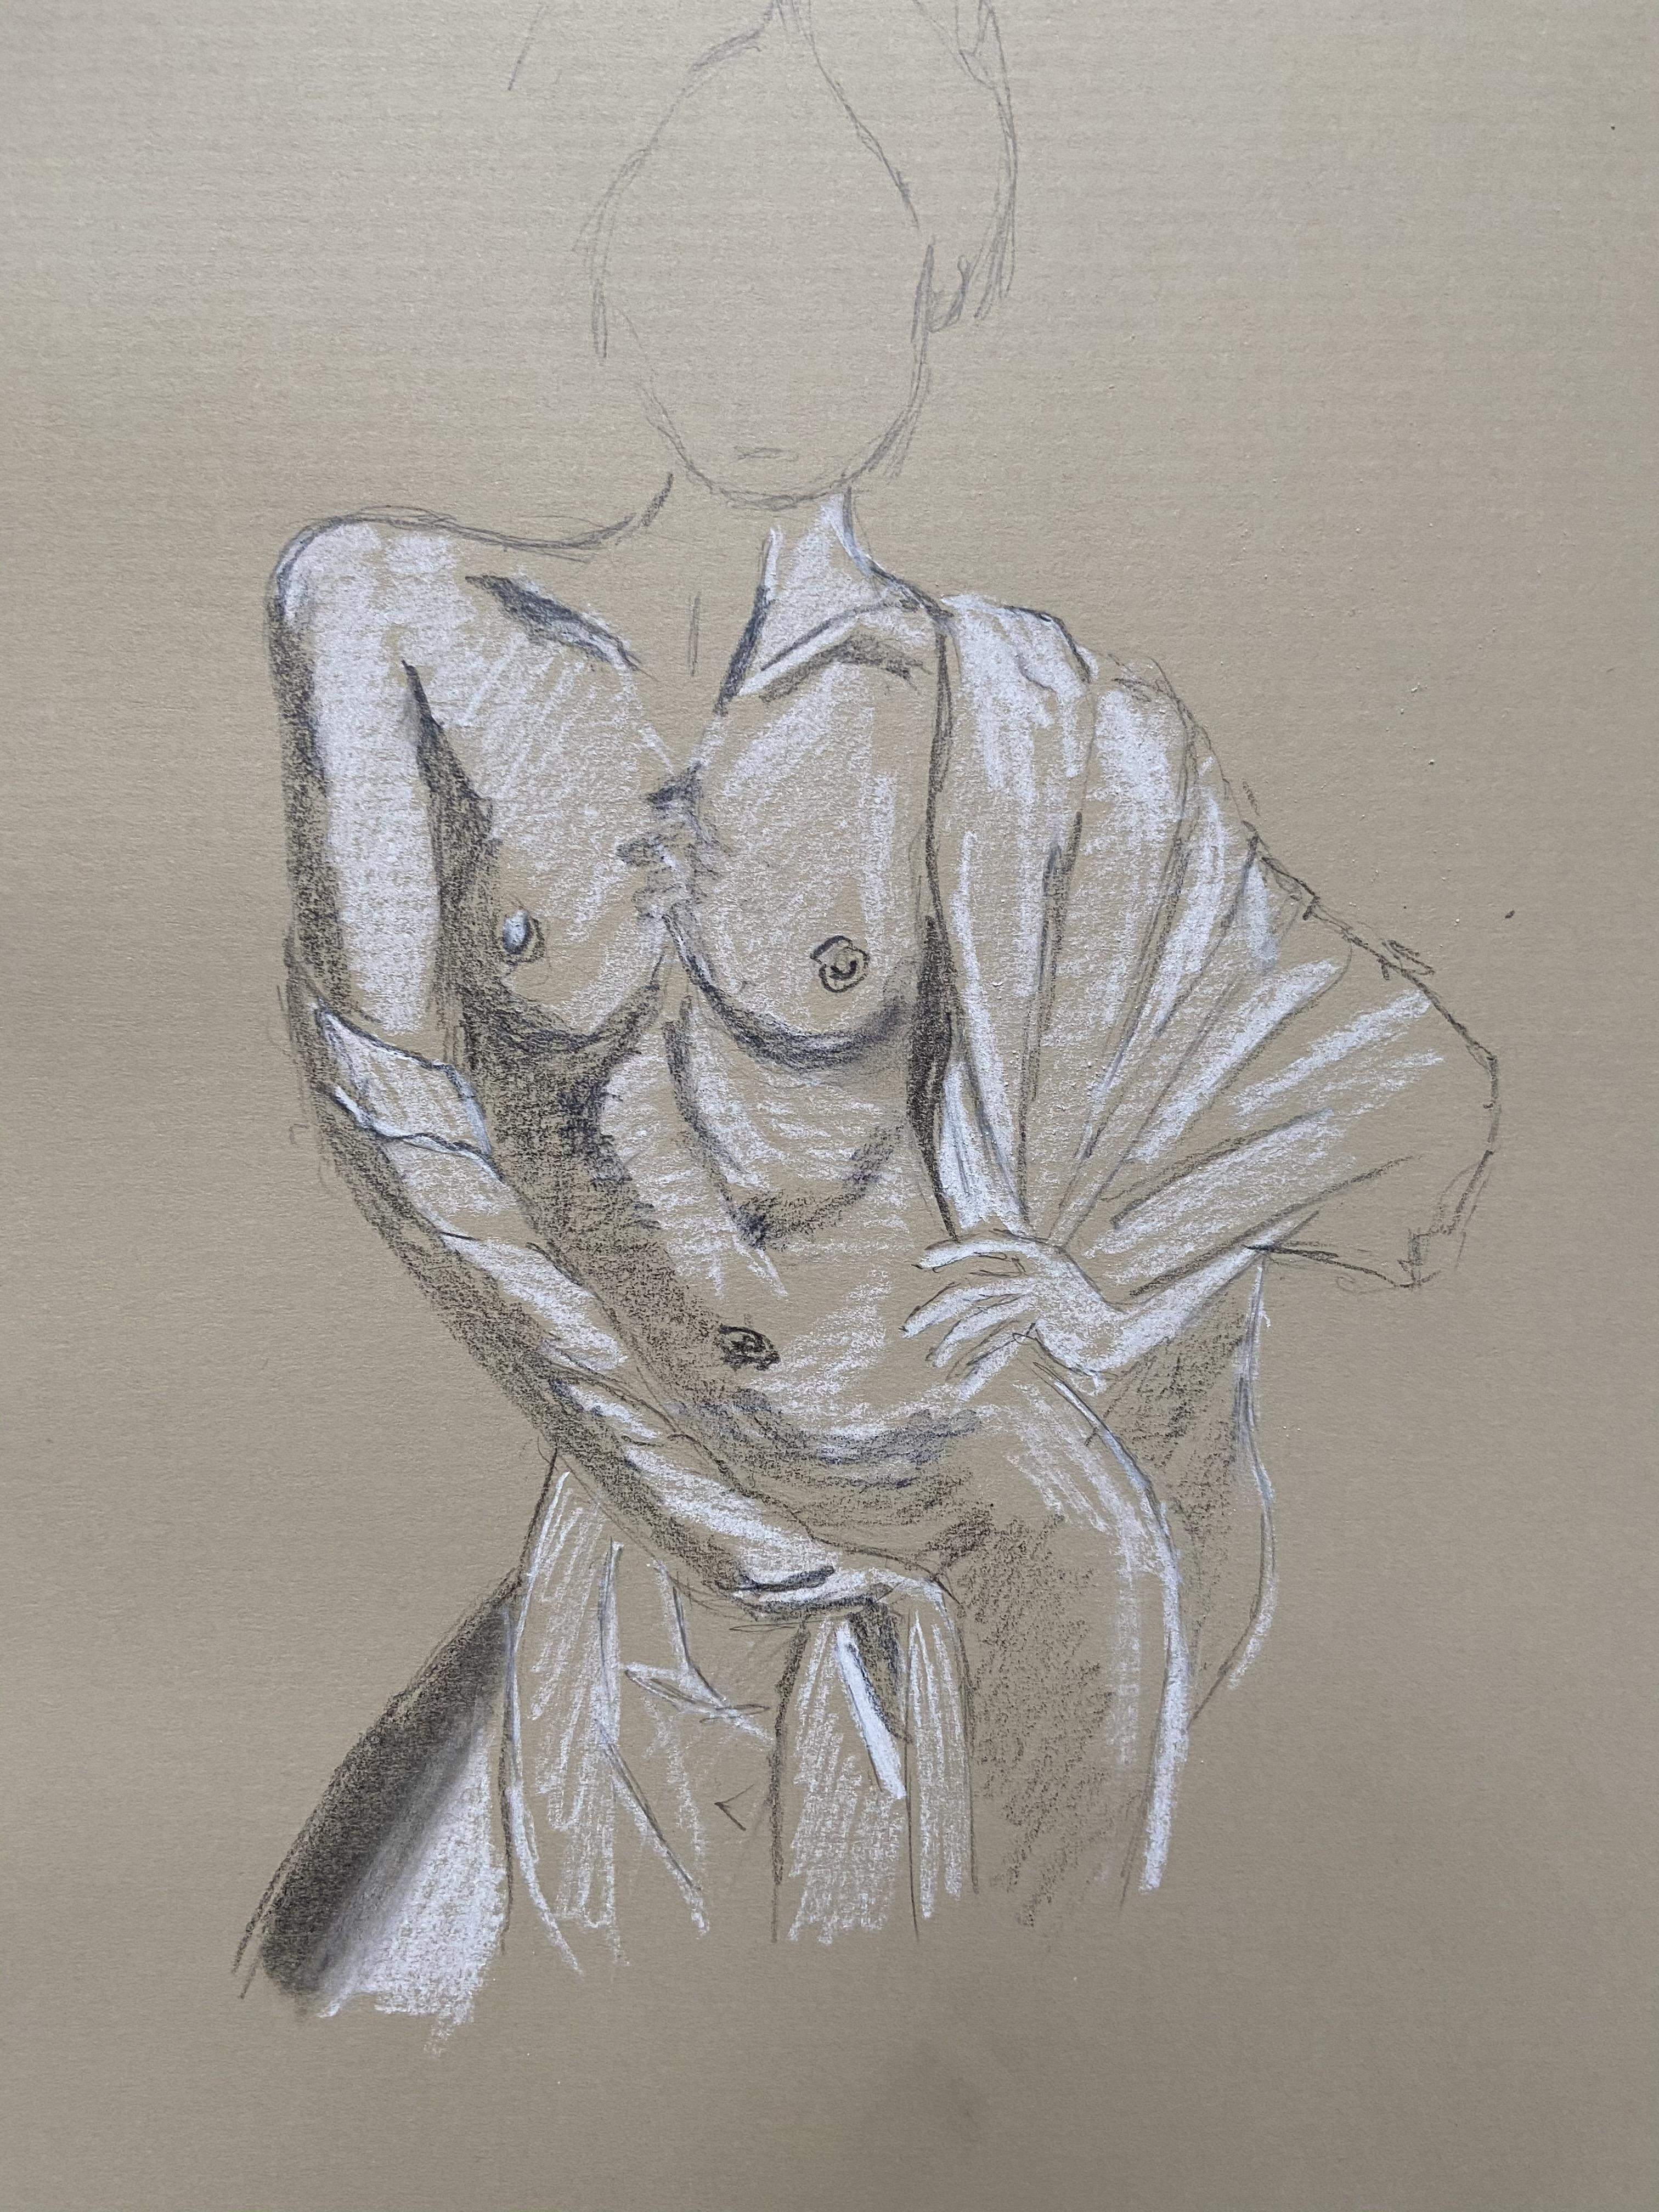 Dessin mod�le vivant pierre noire et craie blanche sur papier color� drap�  cours de dessin